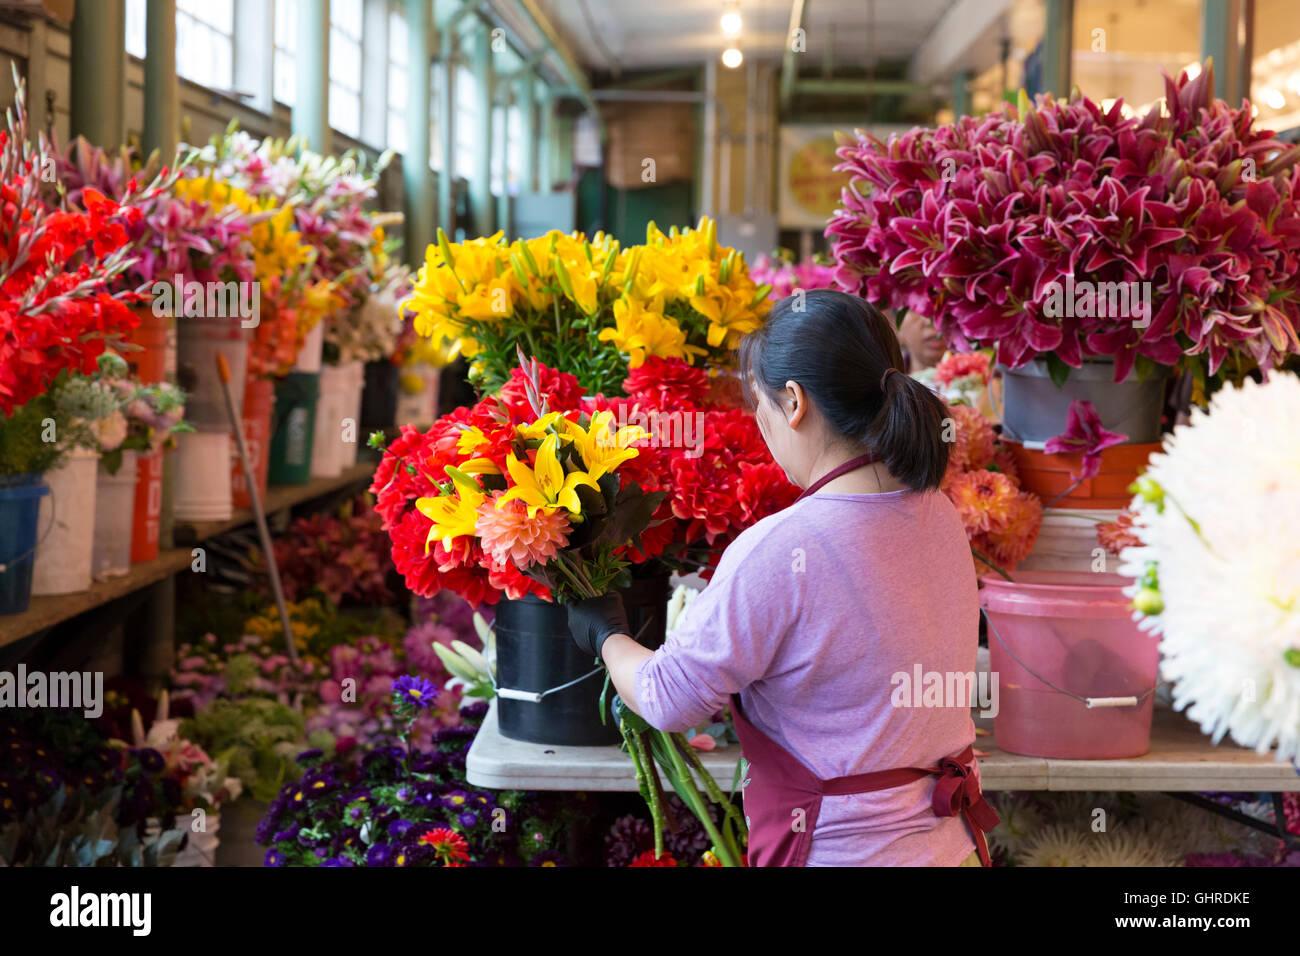 Seattle, Washington: A merchant arranges bouquets of summer flowers ...